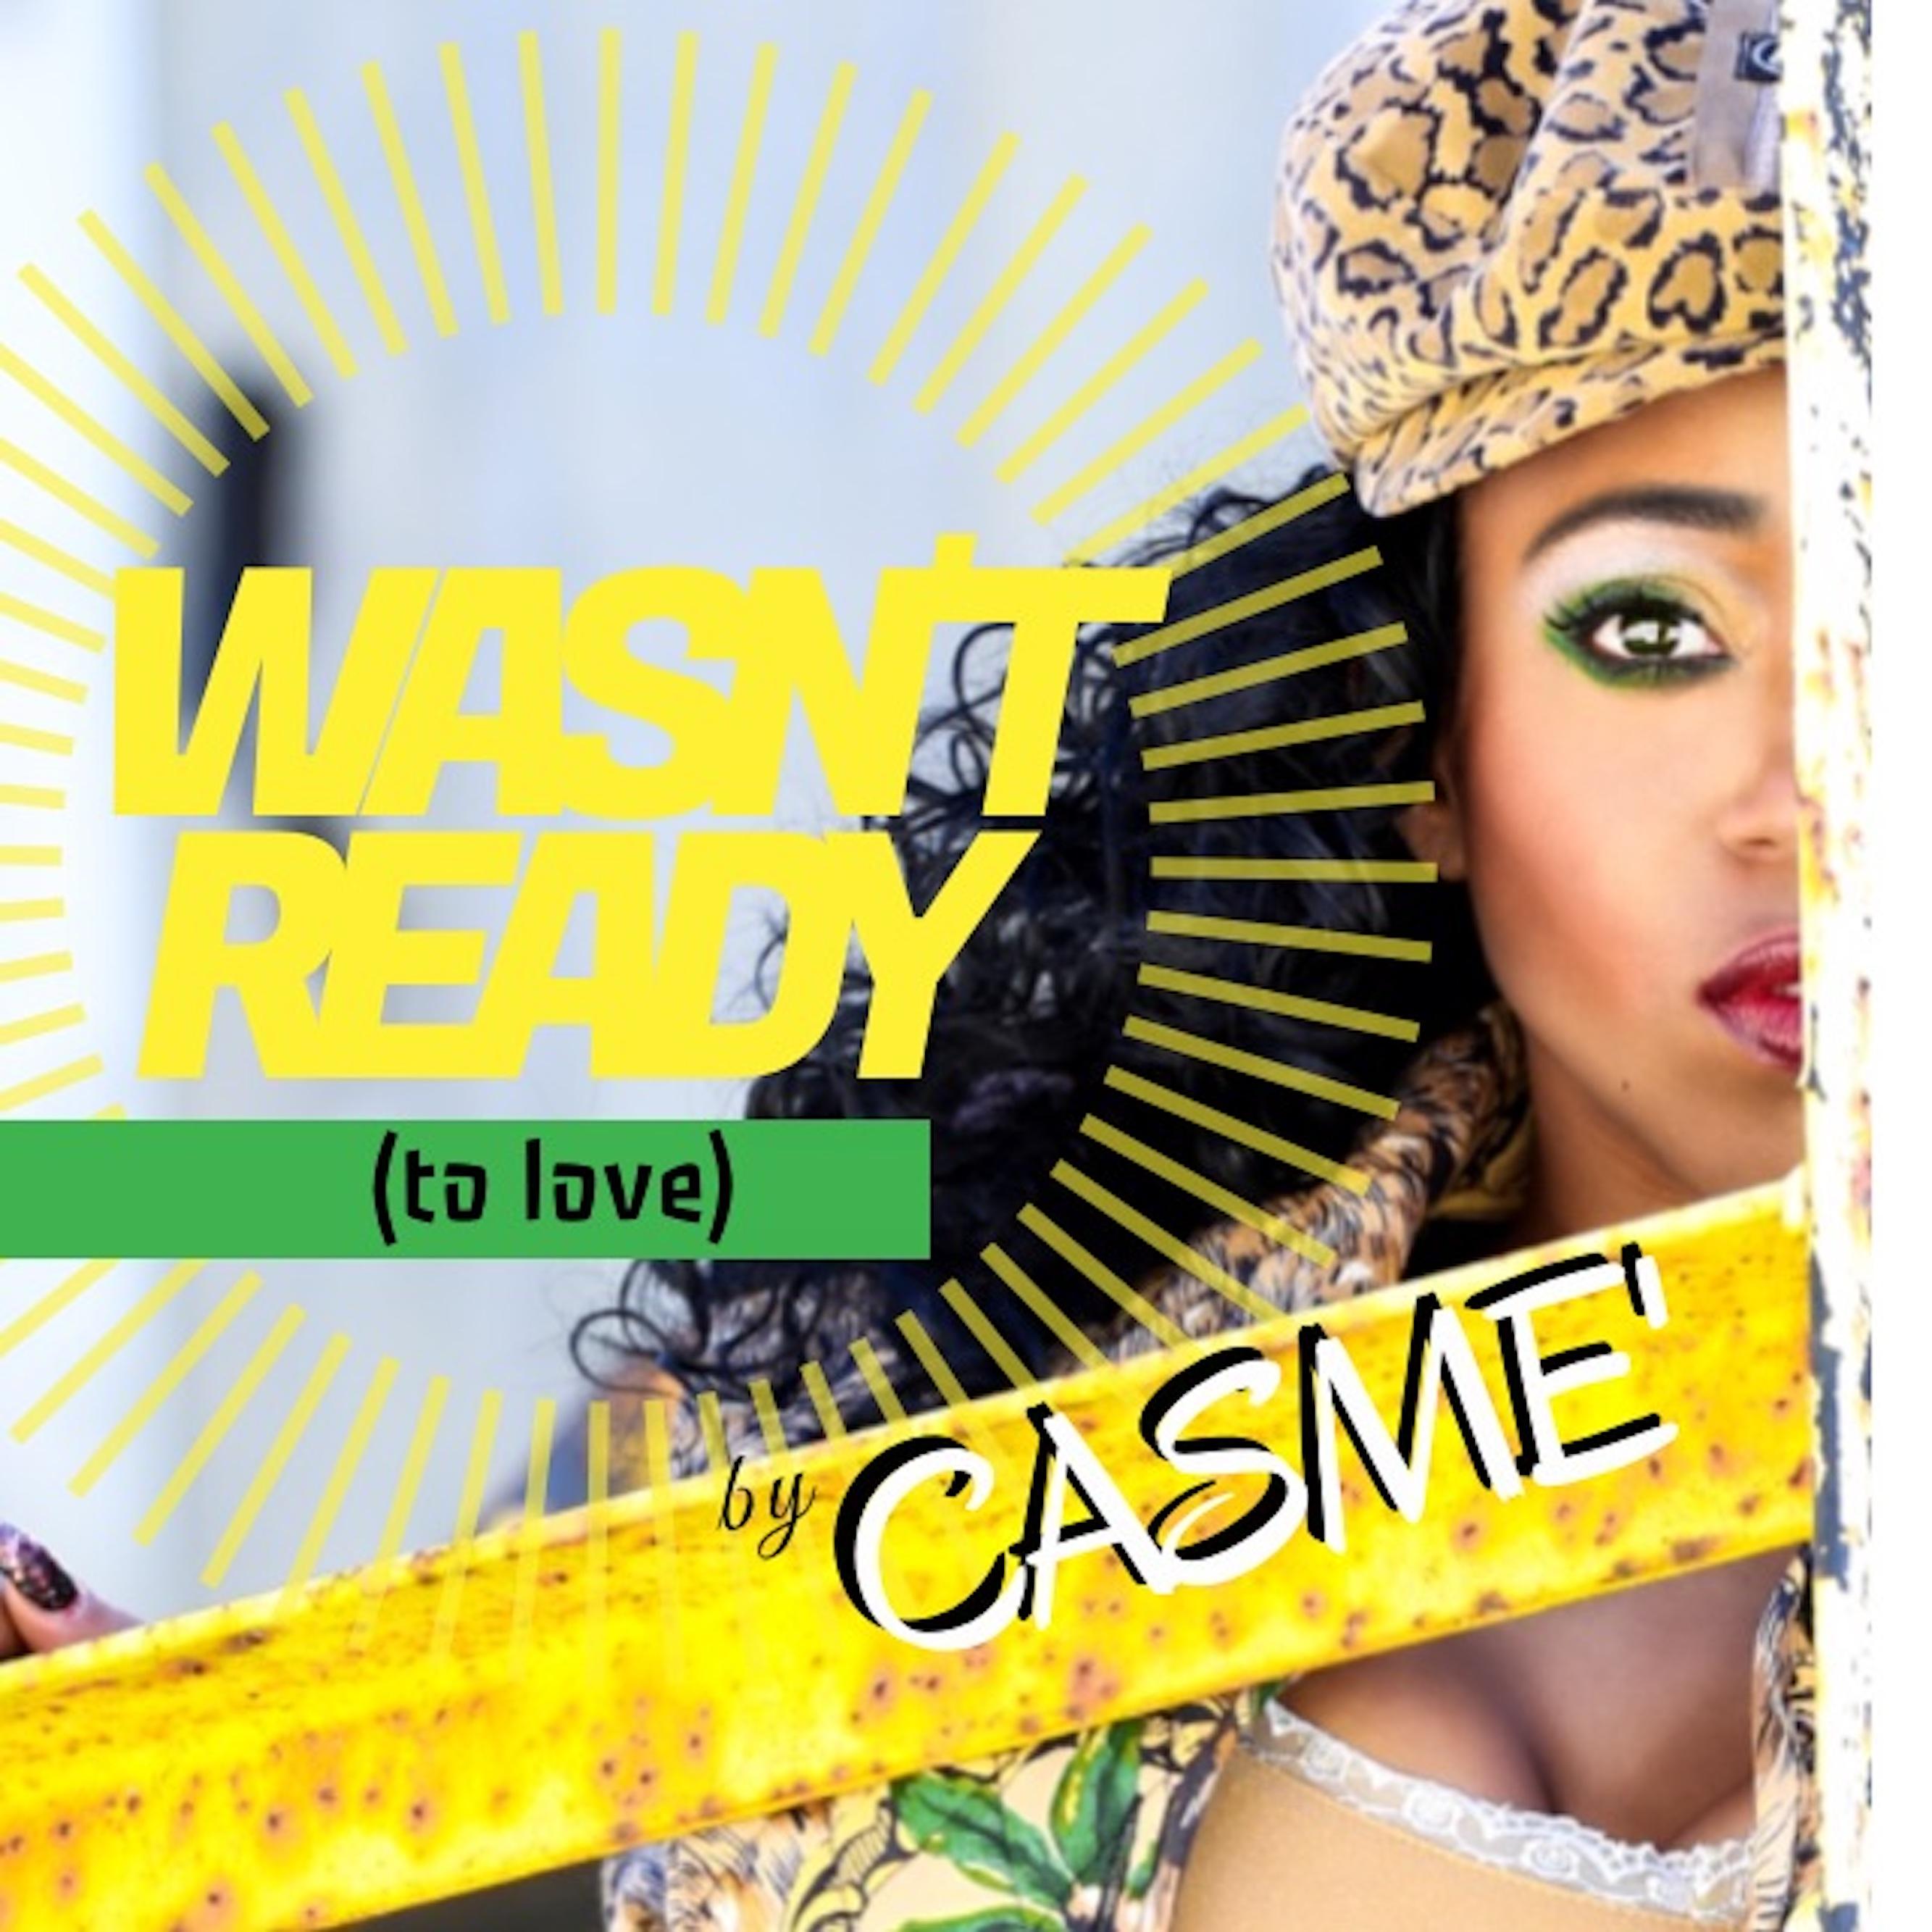 WASN'T READY by CASME'